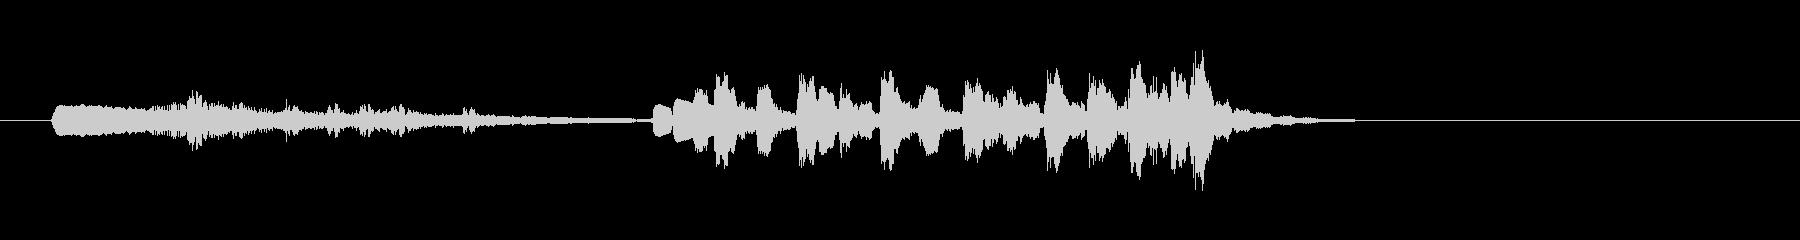 テーマ6B:フルミックス、悲しい、...の未再生の波形